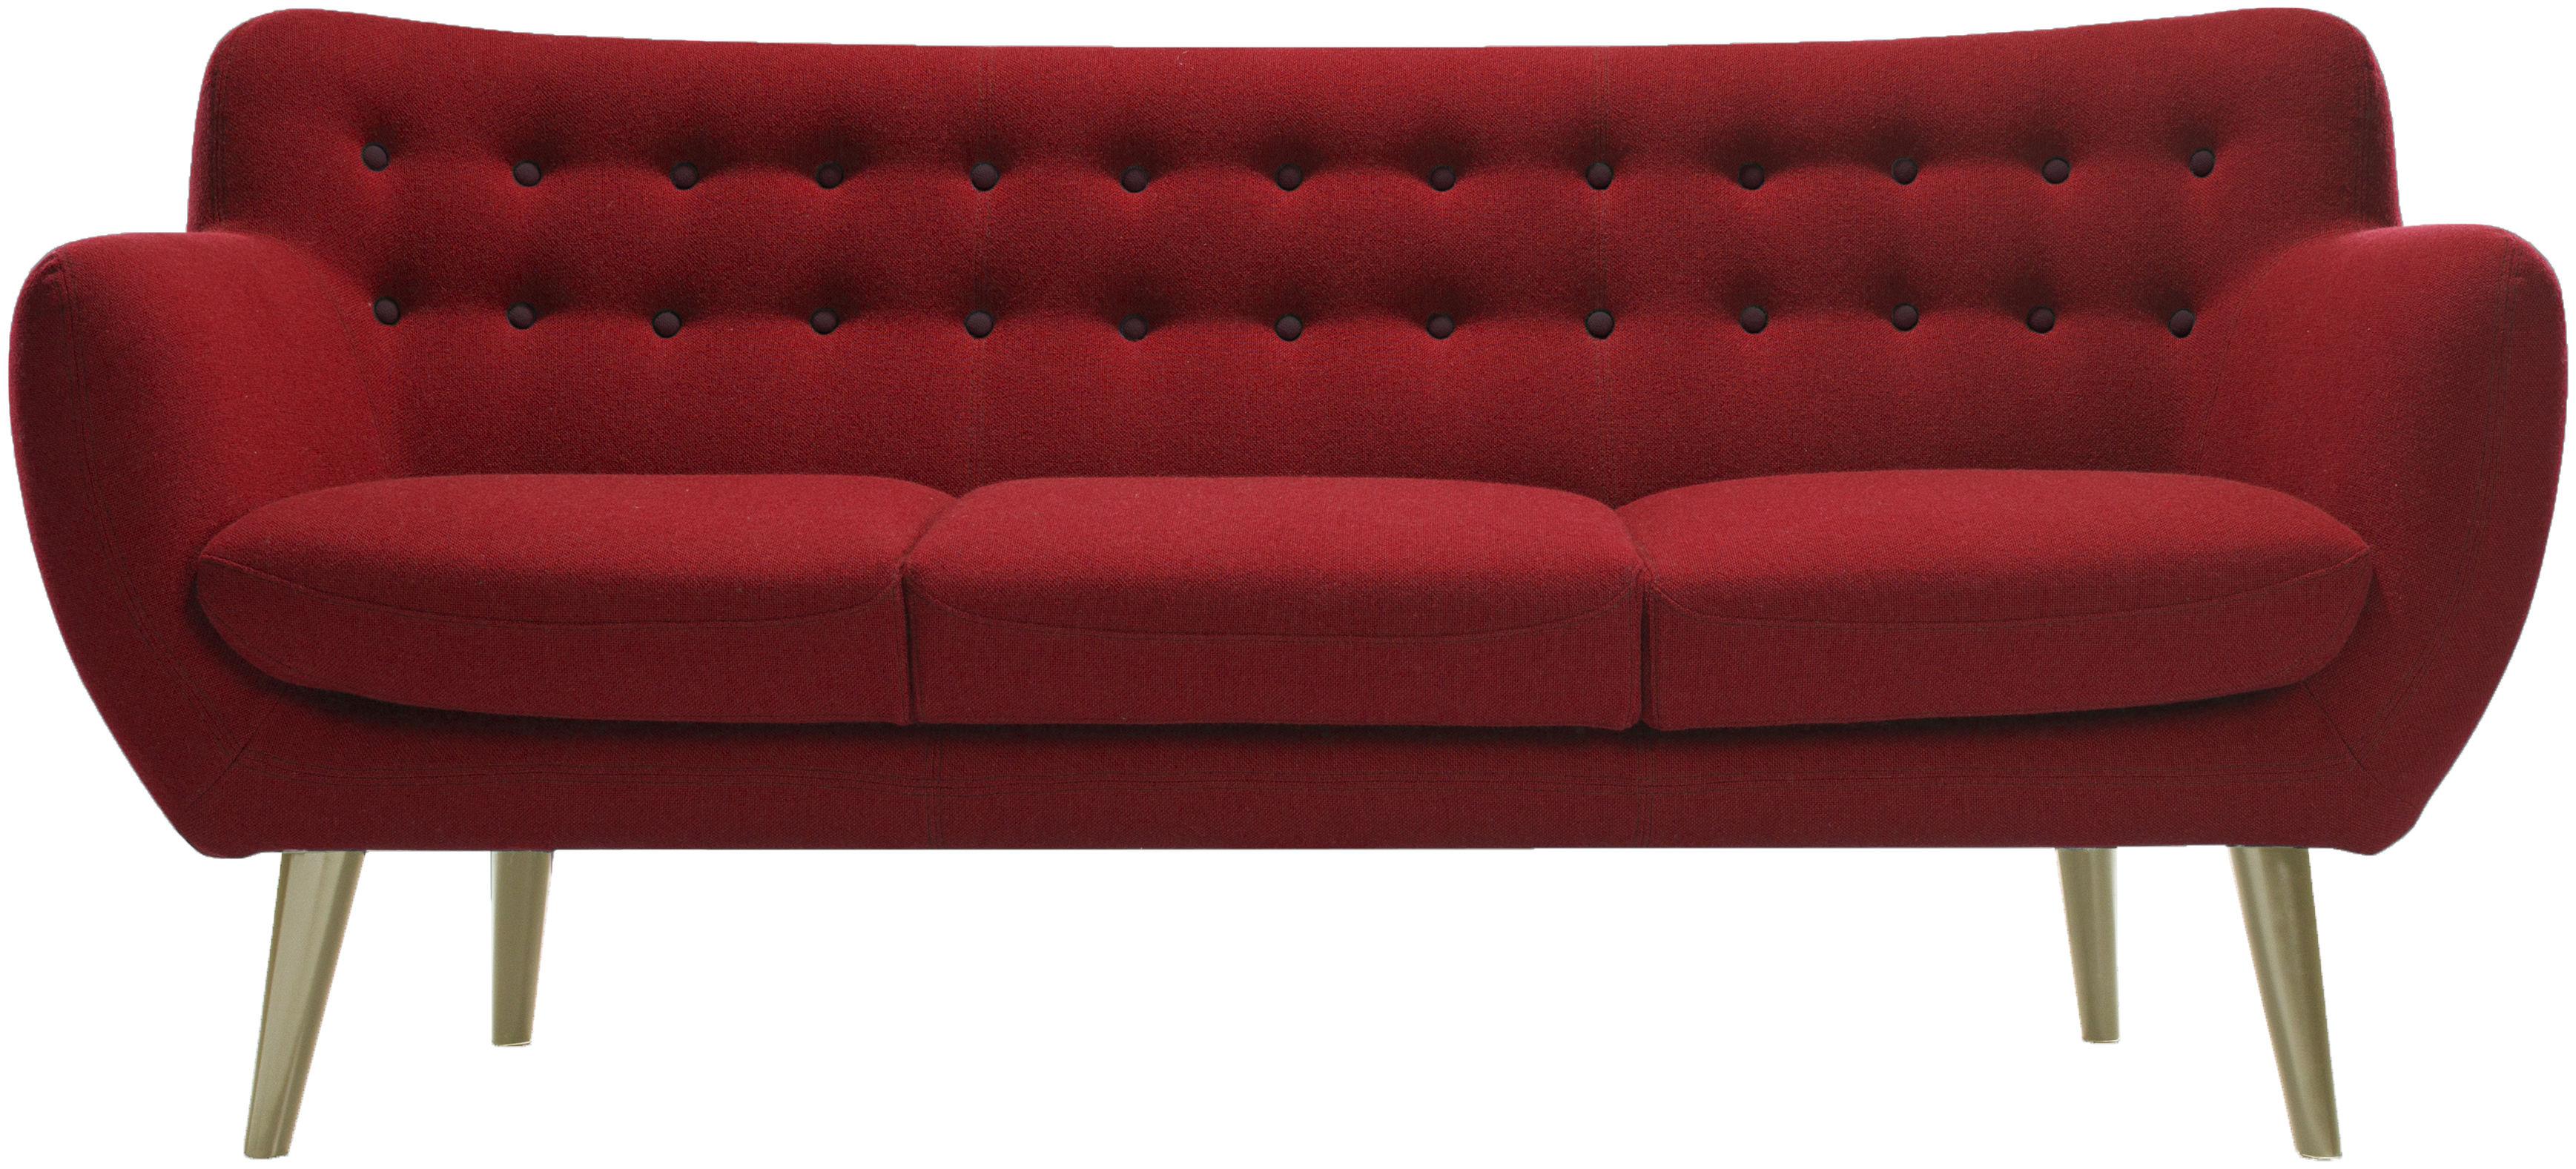 Canap droit coogee 3 places l 181 cm rouge boutons bordeaux sentou edition - Canape rouge bordeaux ...